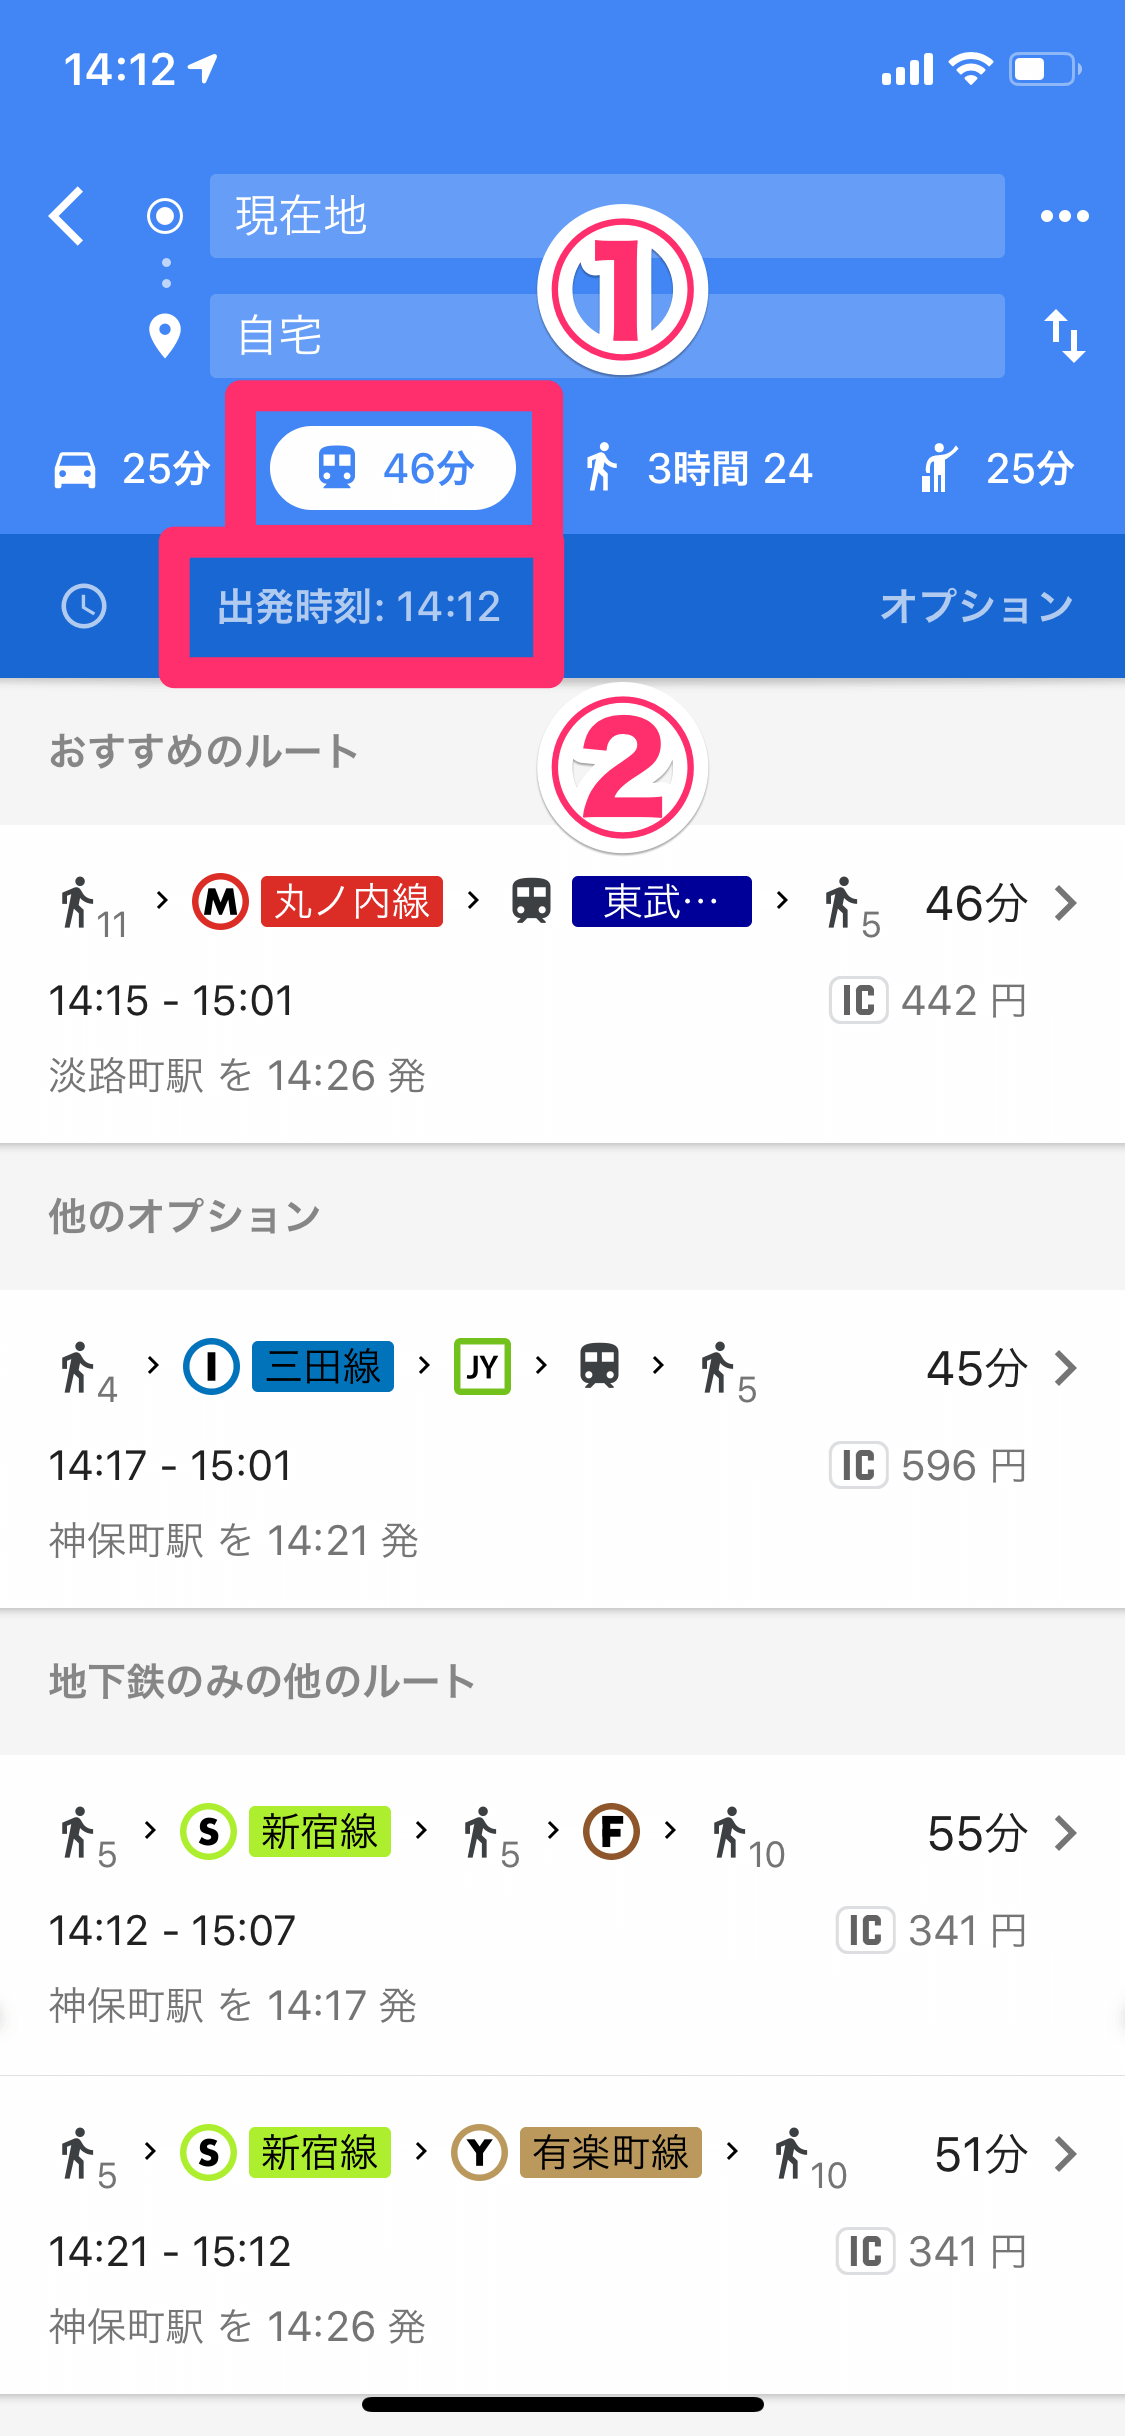 終電をGoogleマップで調べる方法。いちばん遅い時間や複数ルートを一発検索できて便利!